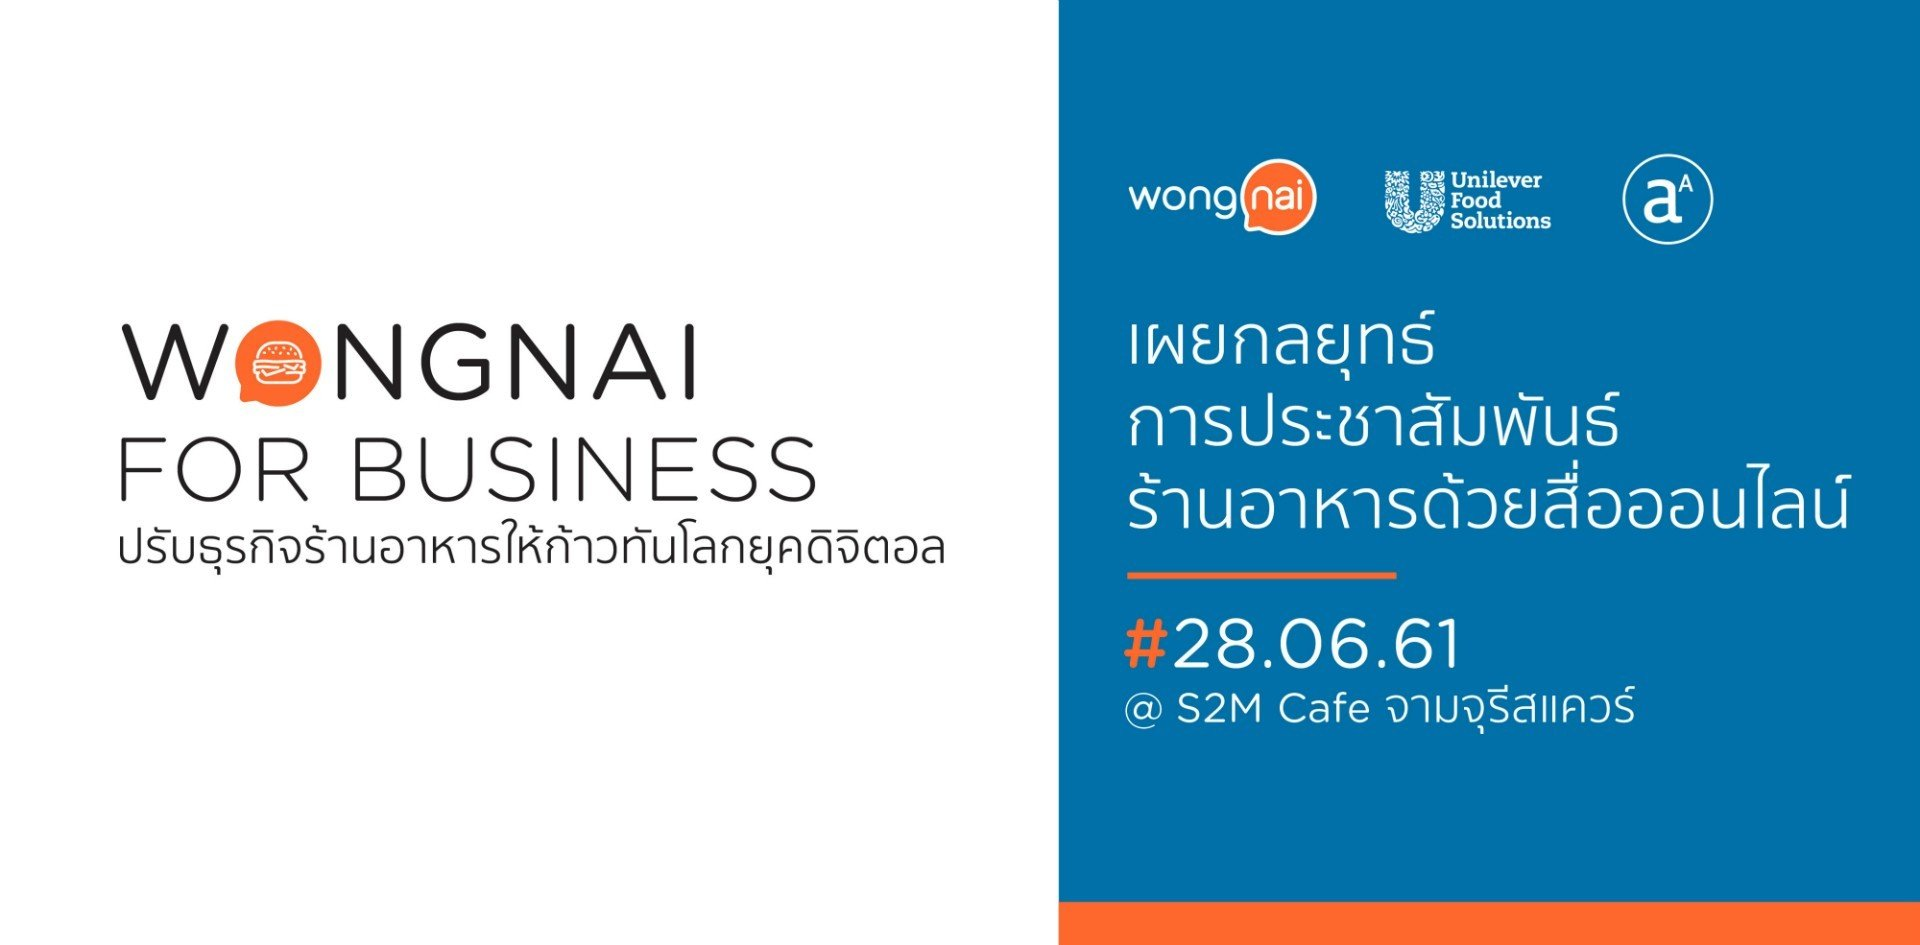 """วงในสัมมนาร้านอาหาร """"ปรับธุรกิจร้านอาหารให้ก้าวทันโลกยุคดิจิตอล #26"""